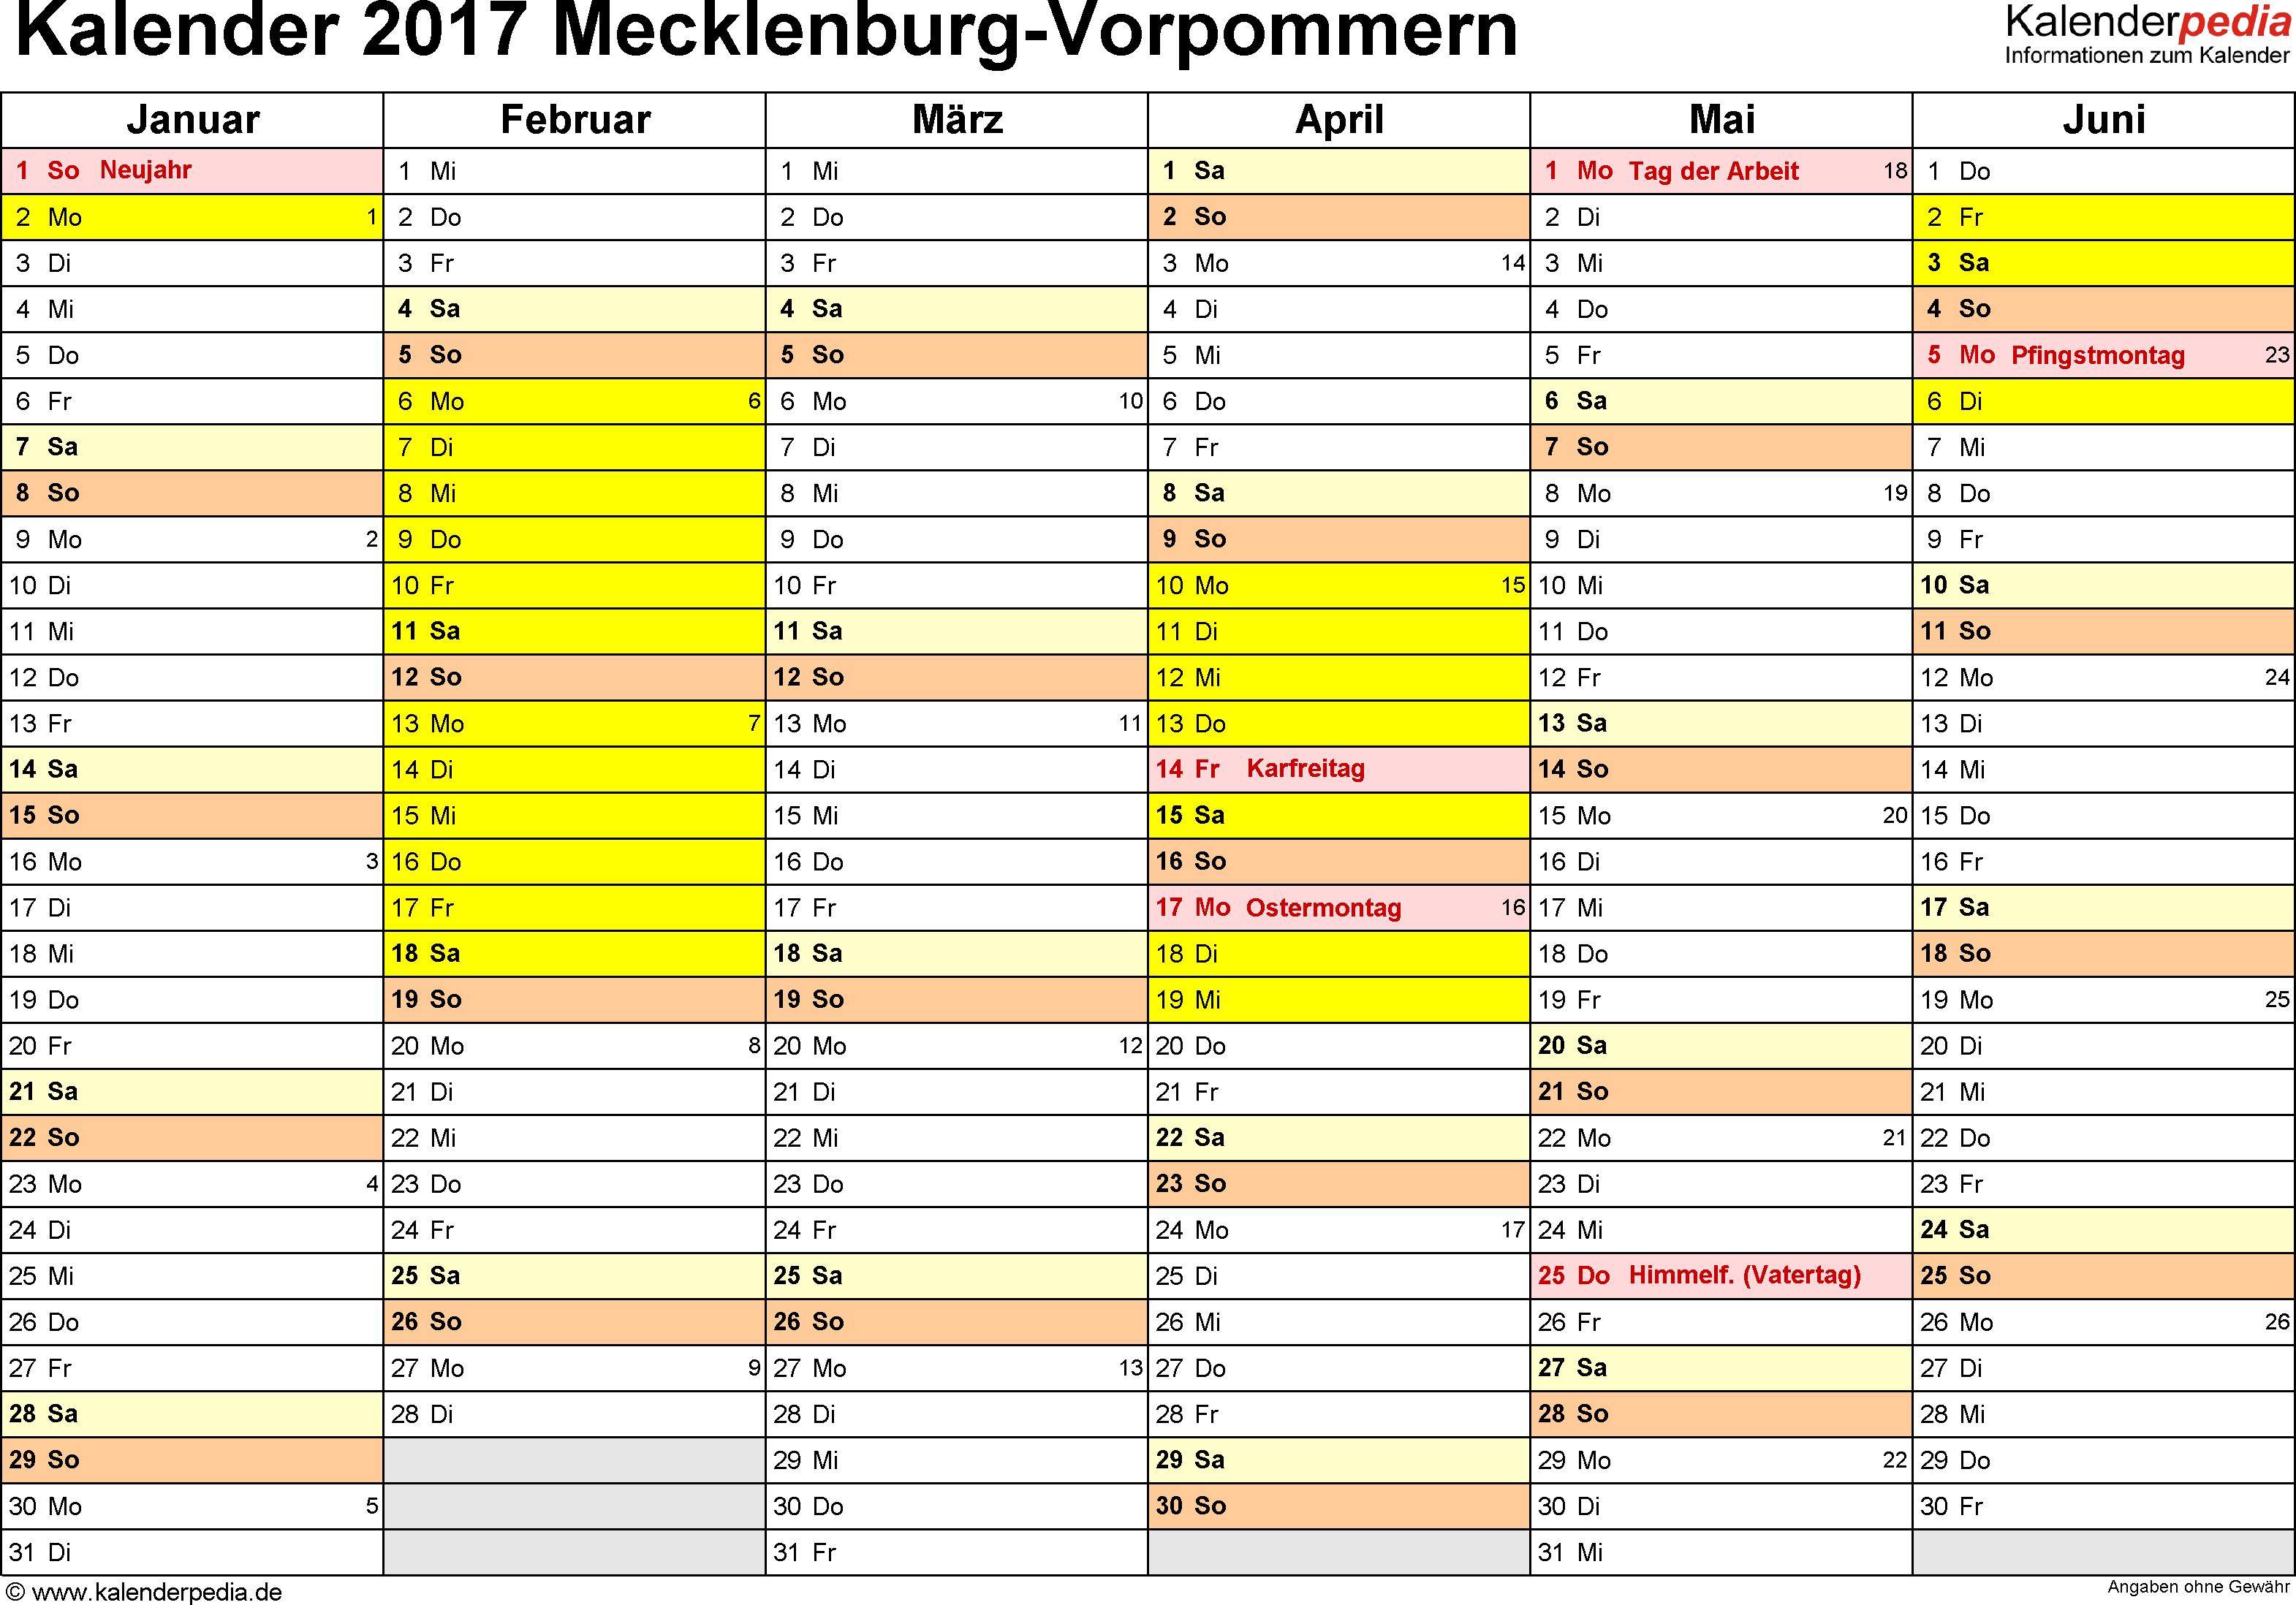 Vorlage 2: Kalender 2017 für Mecklenburg-Vorpommern als PDF-Vorlage (Querformat, 2 Seiten)